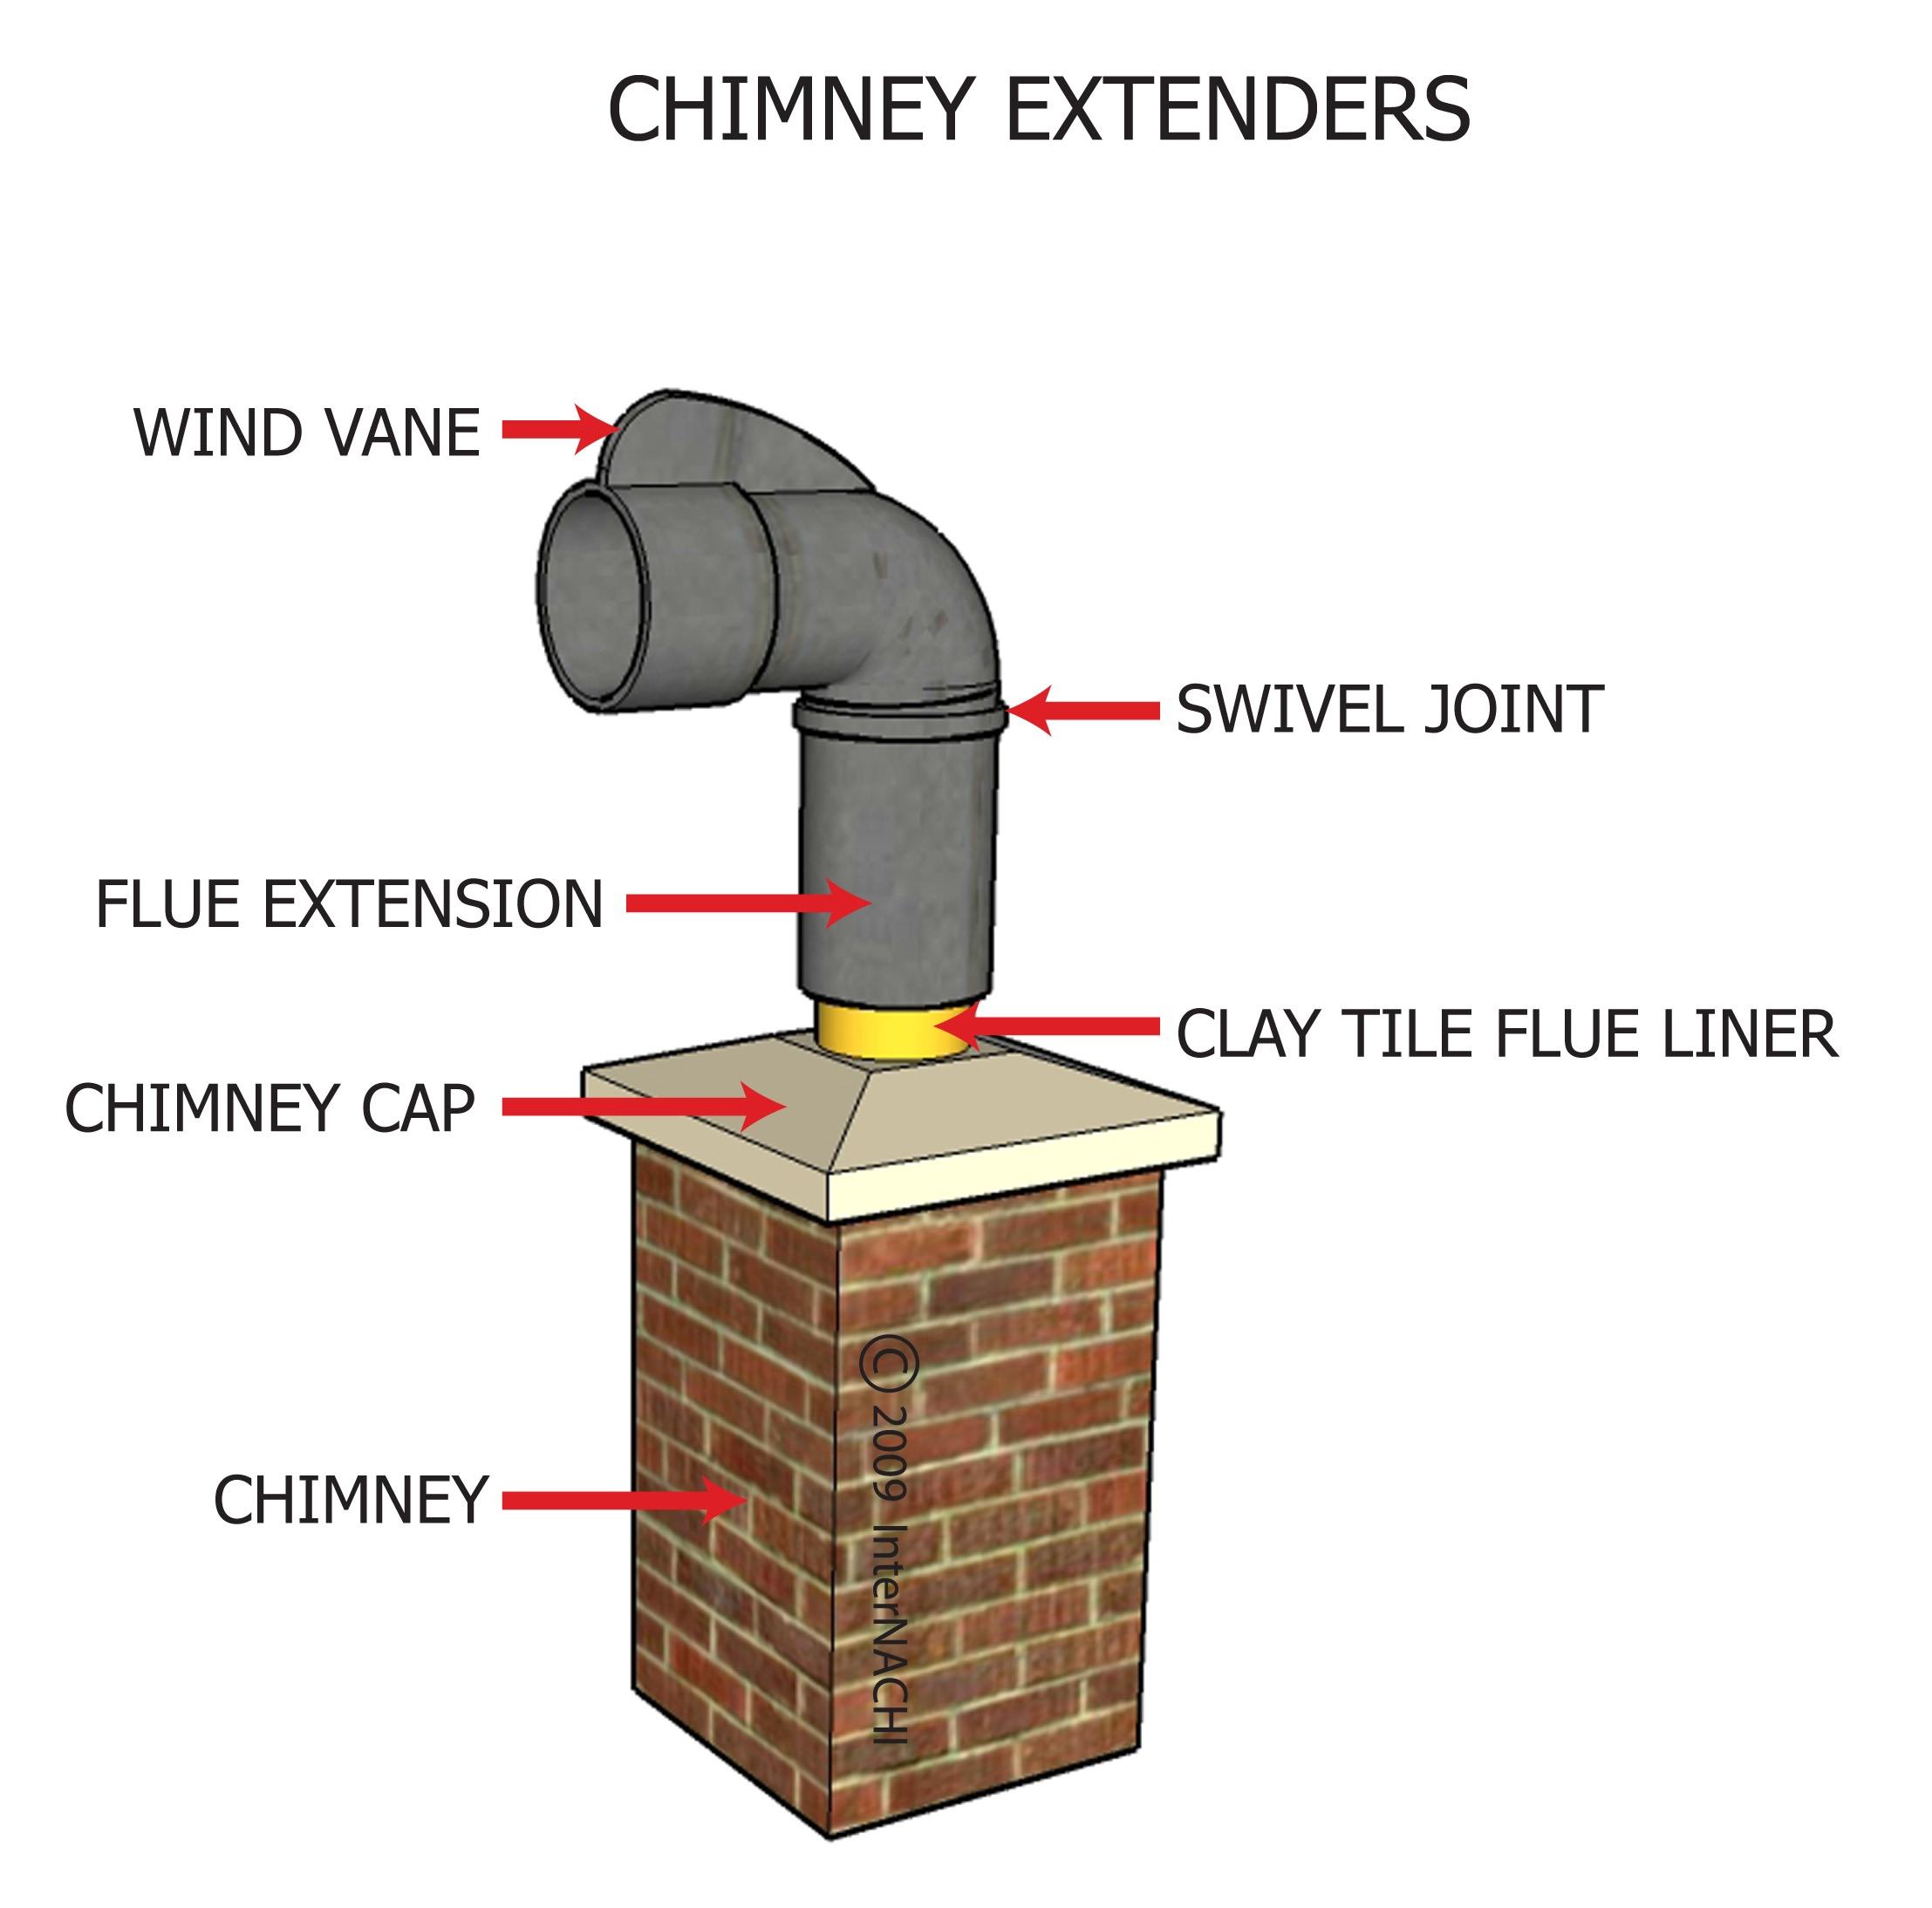 Chimney extender.